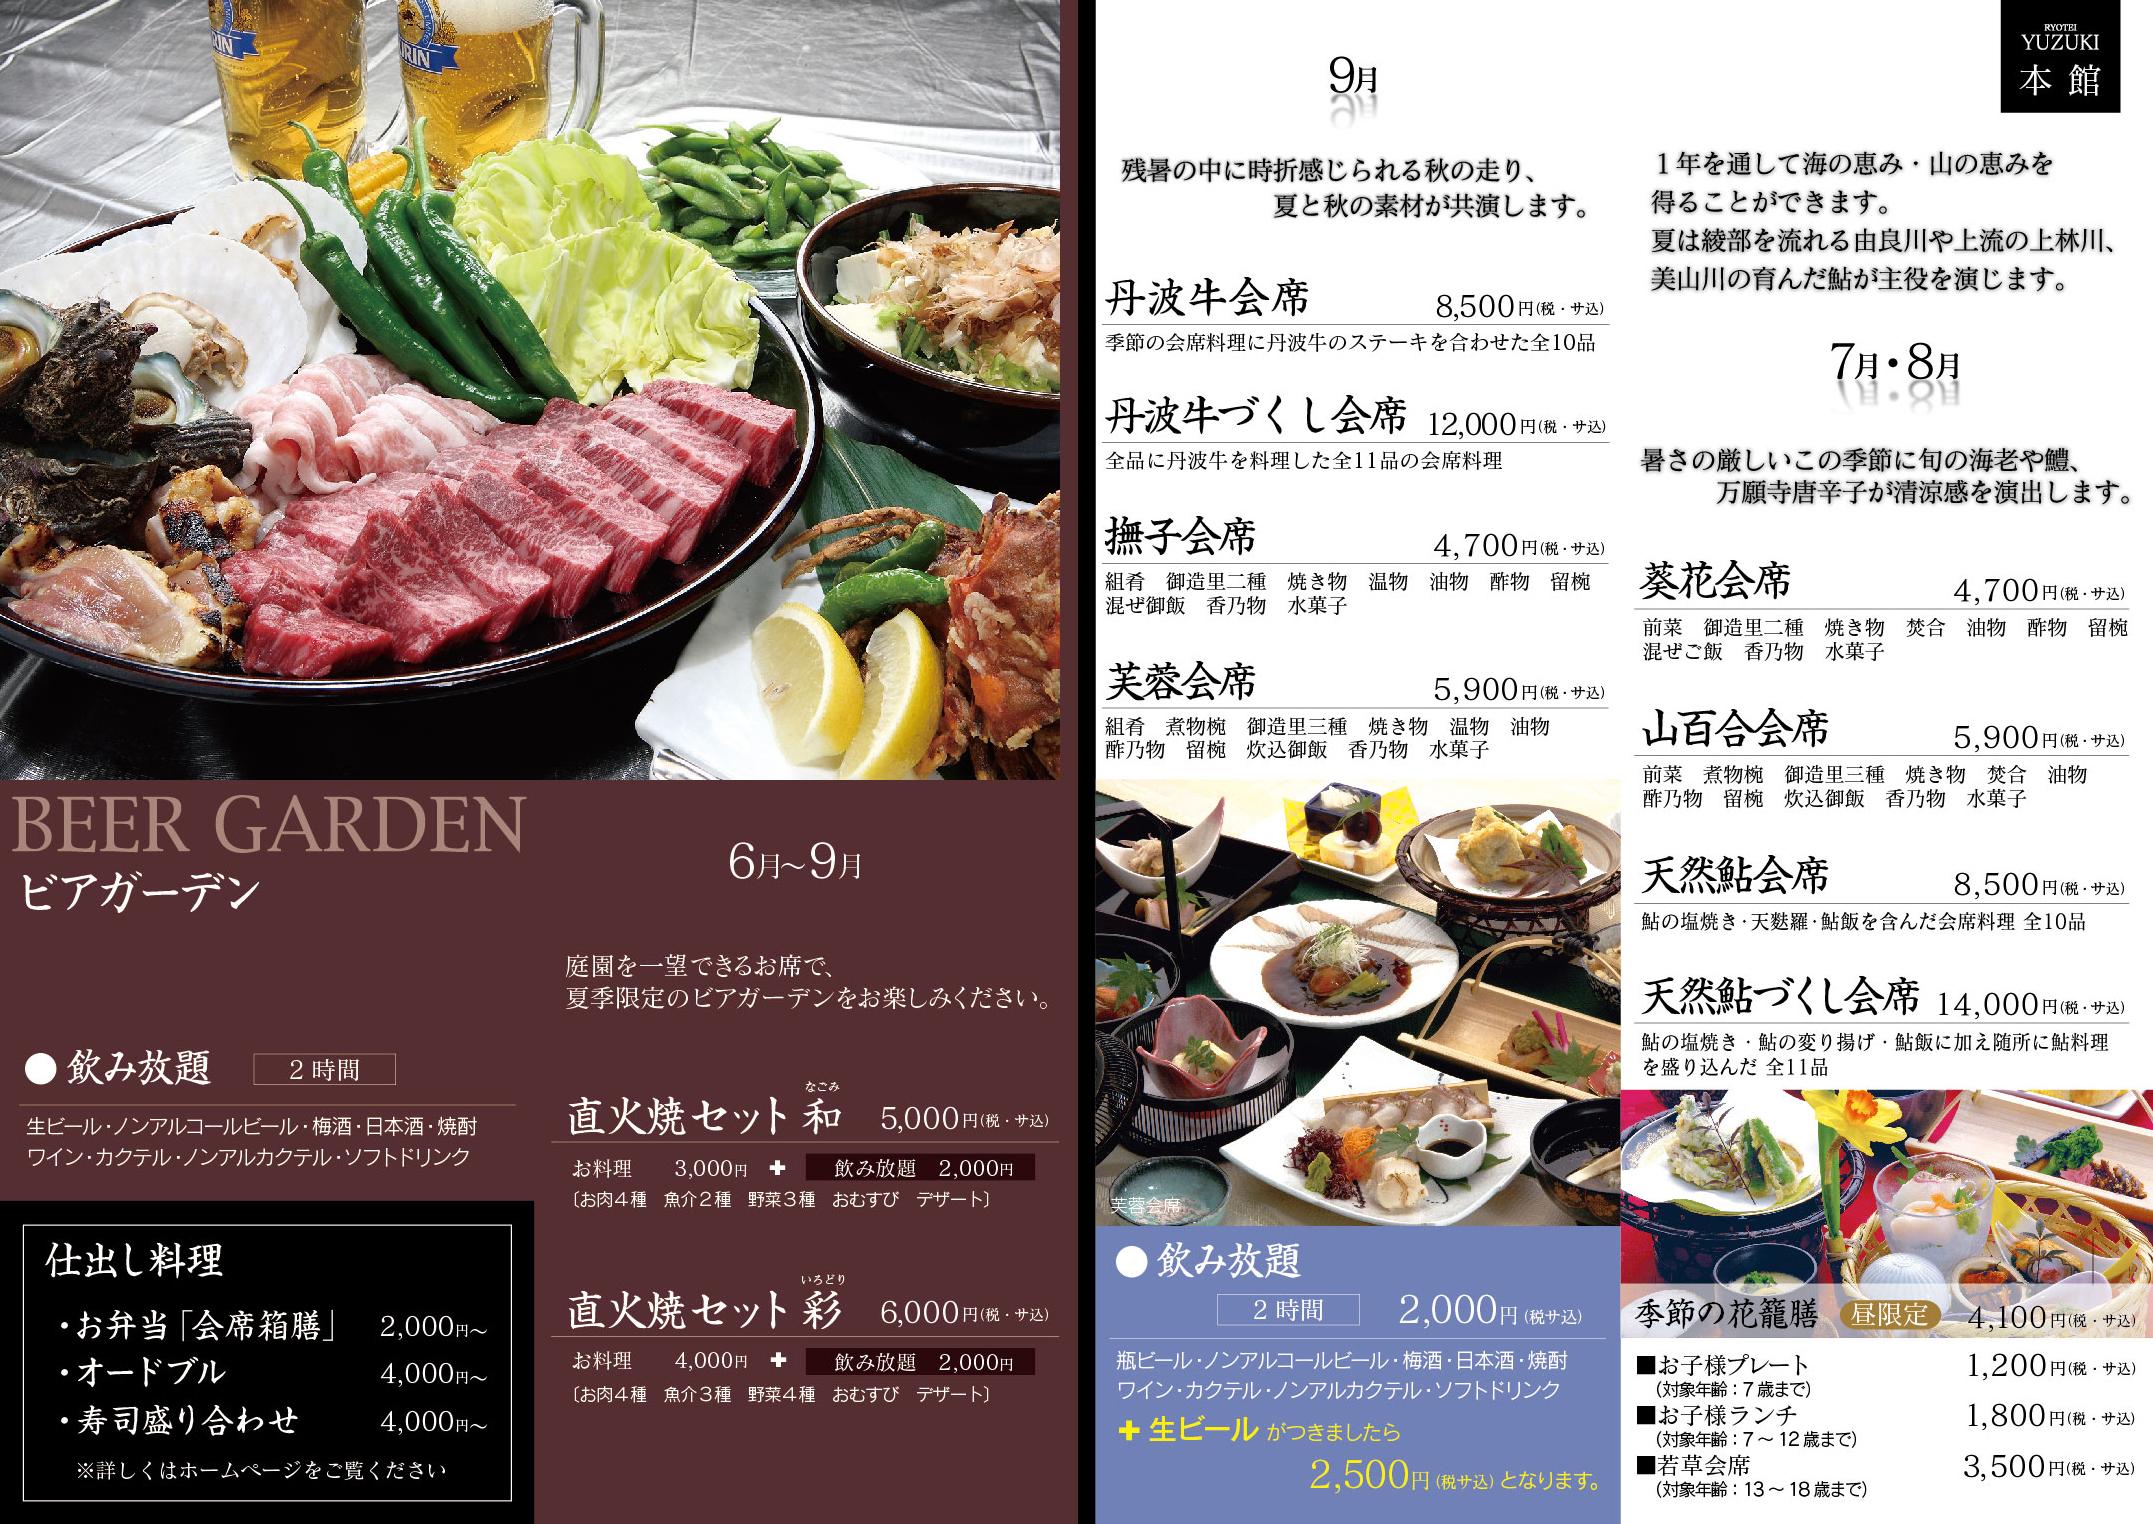 綾部の料亭 ゆう月 料理 カタログ パンフレット